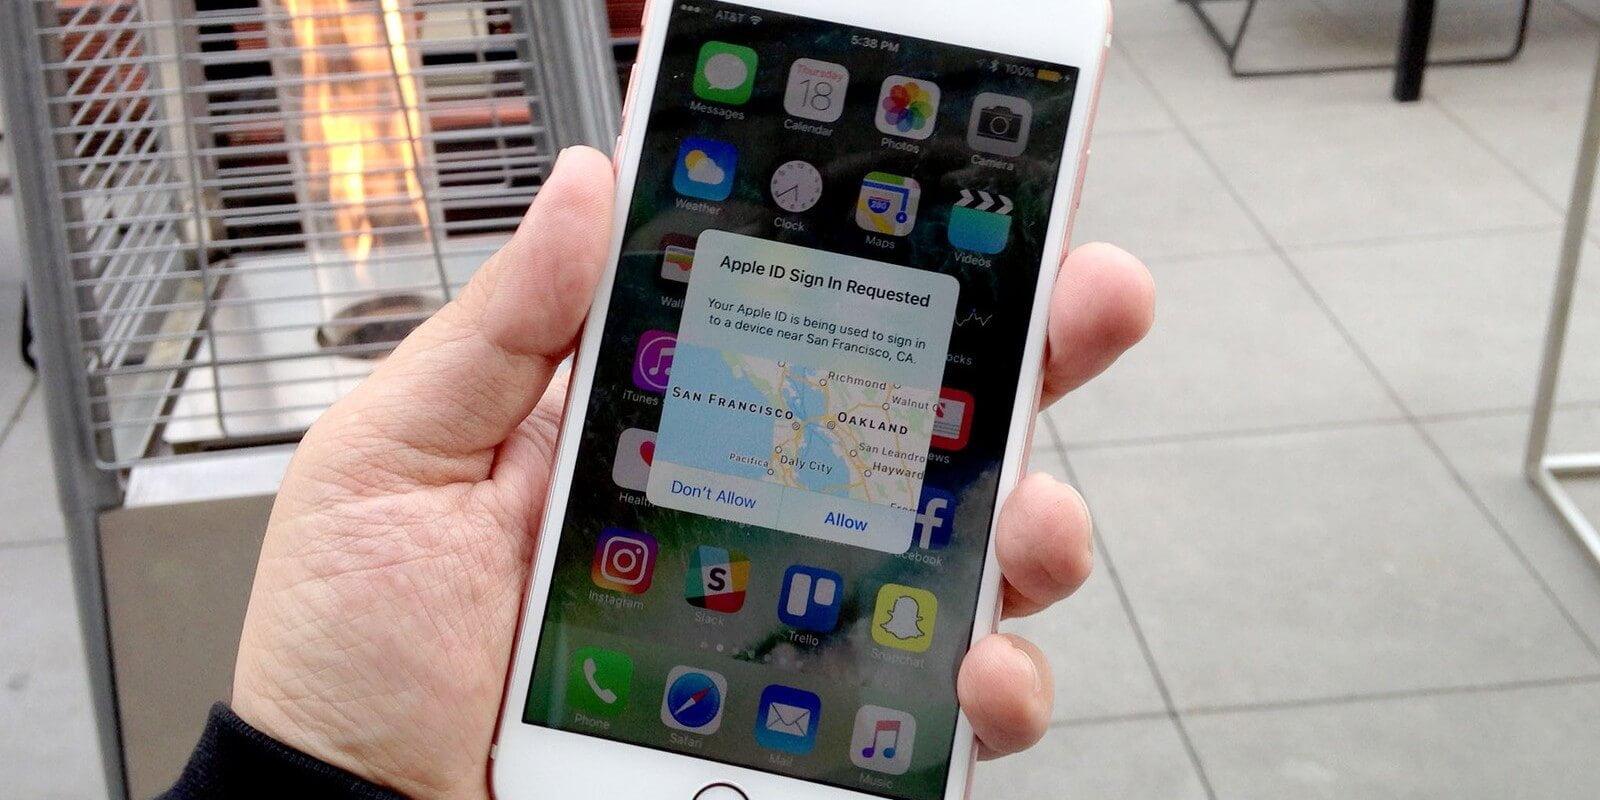 Почему двухфакторная аутентификация Apple ID показывает неправильное местоположение